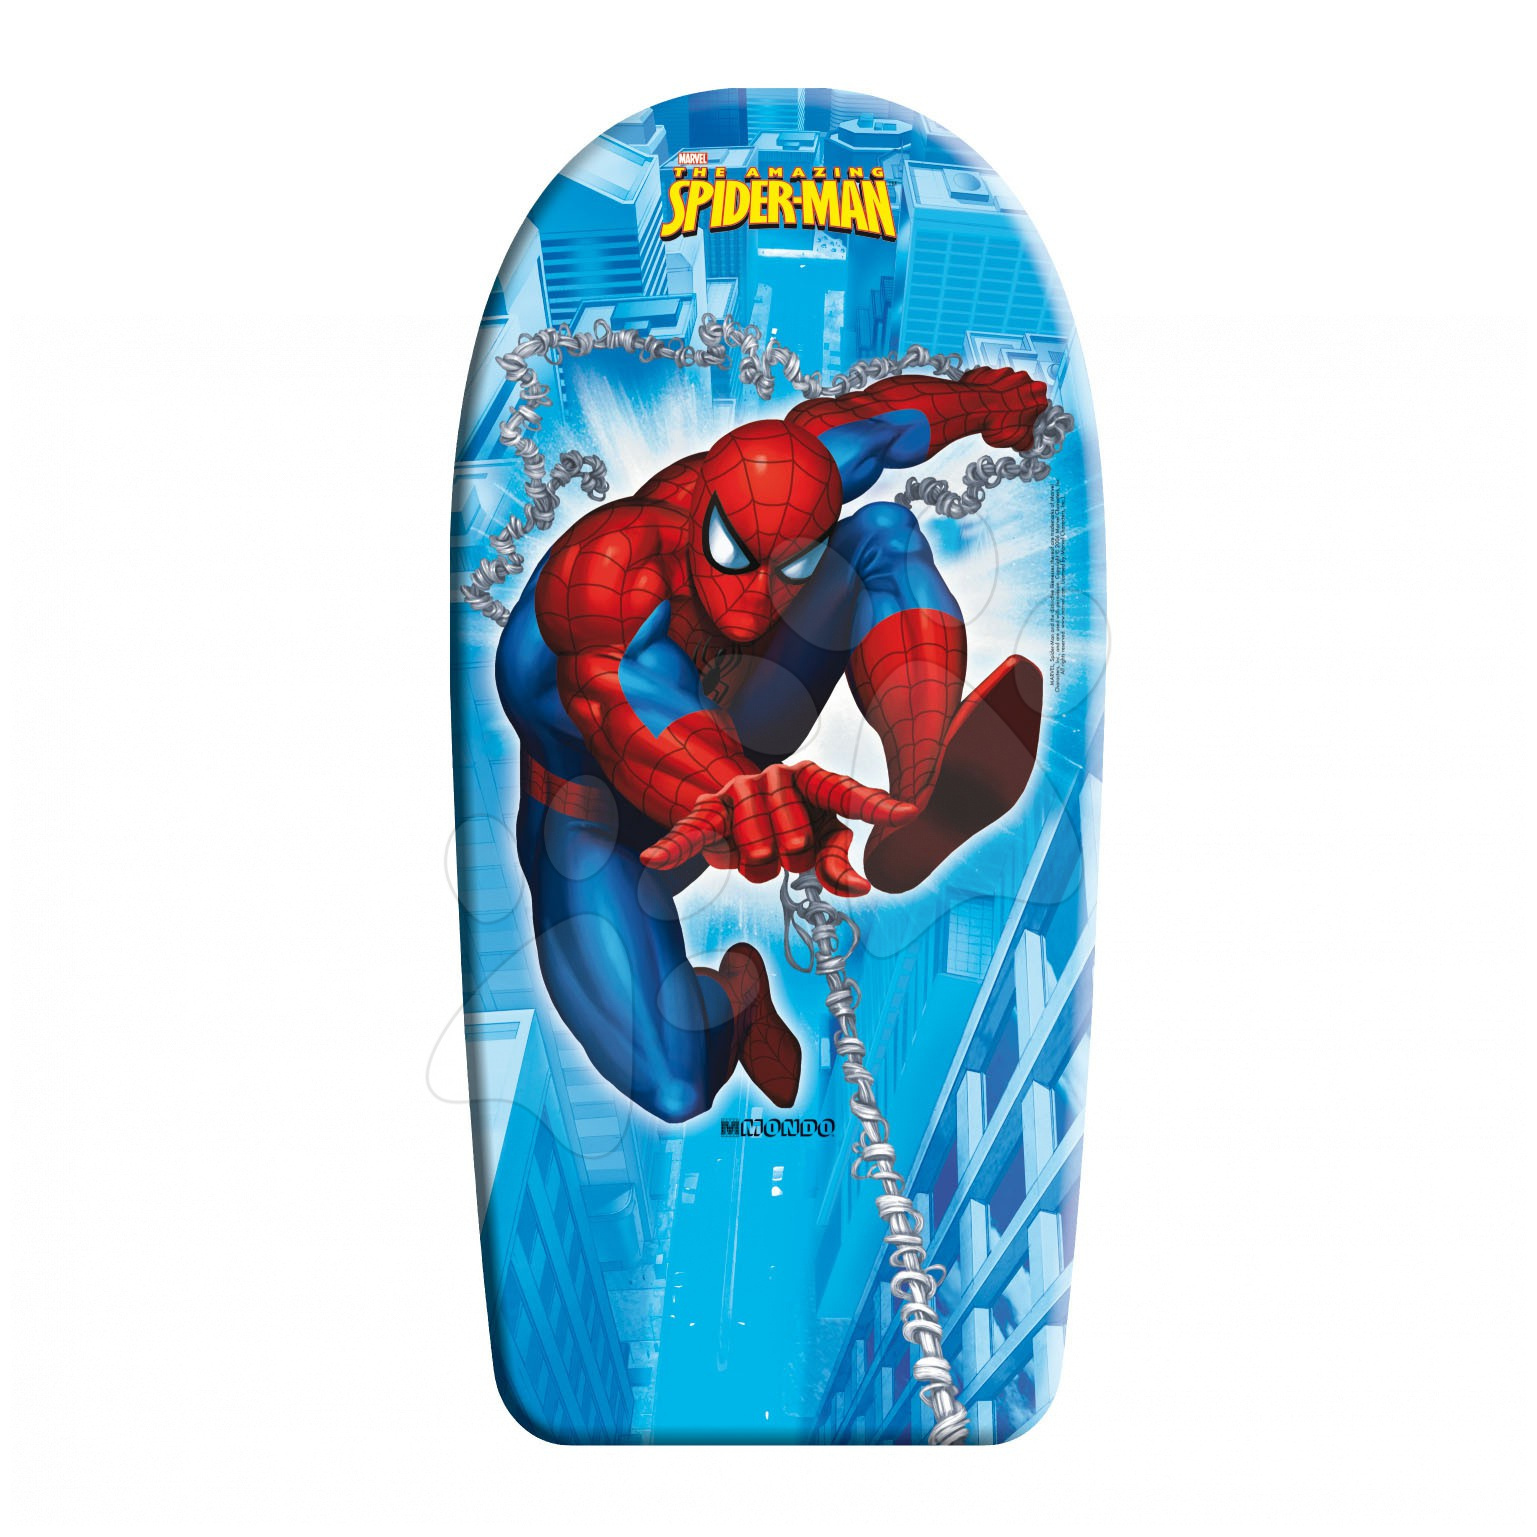 Plovací desky - Pěnová deska na plavání Spiderman Mondo 104 cm